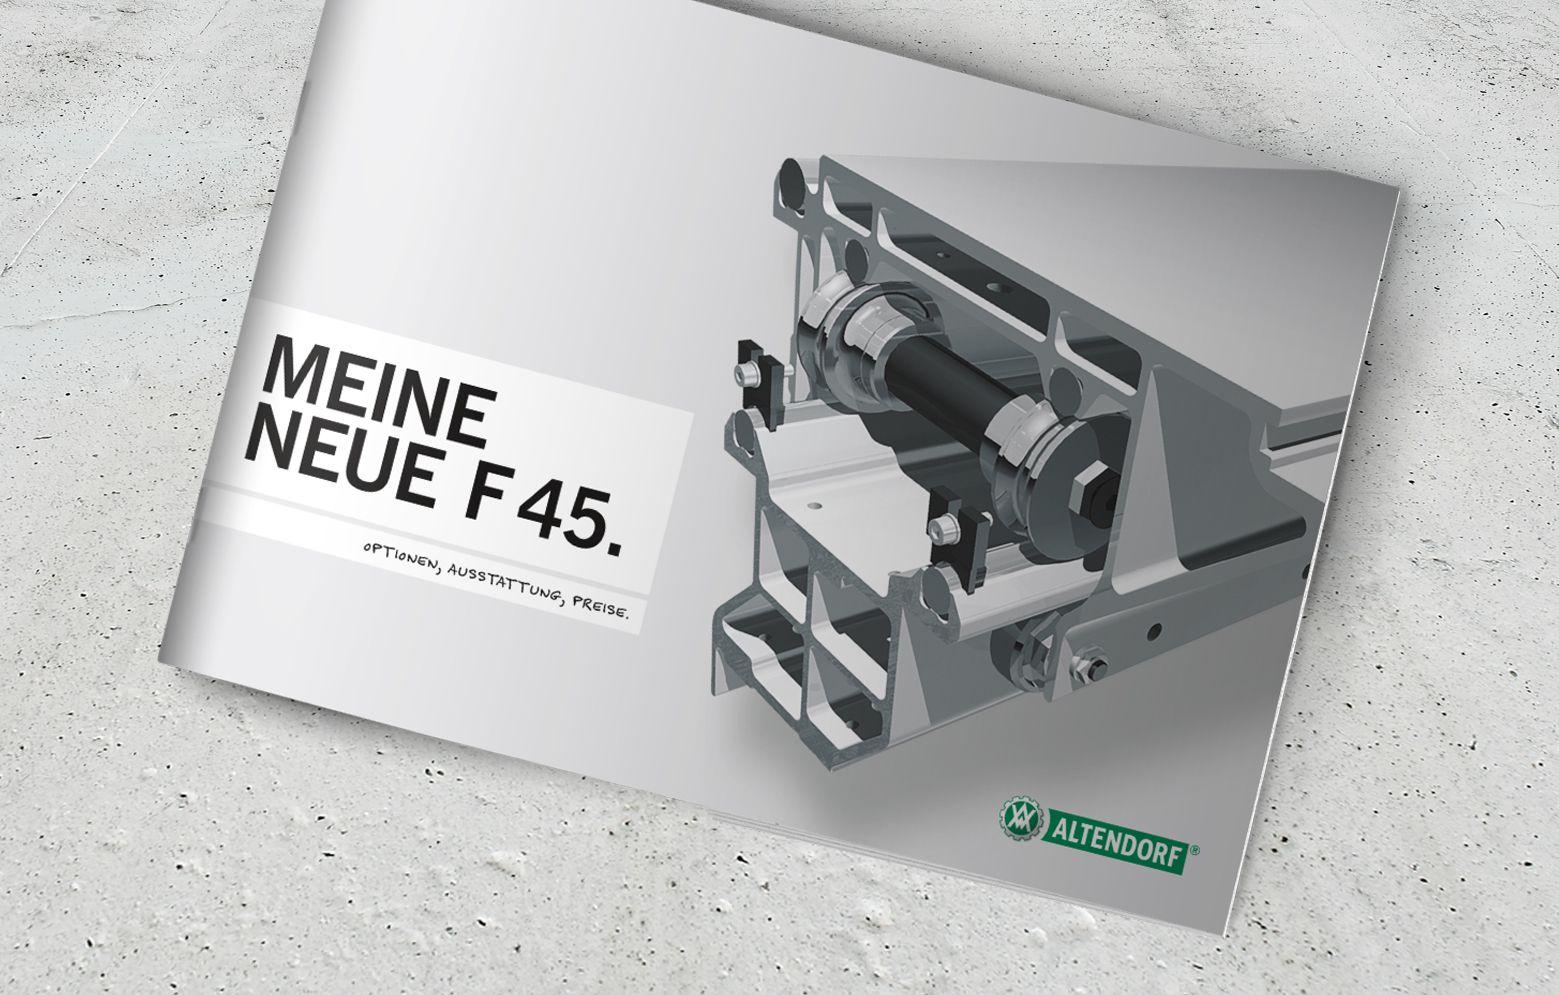 Titel der Preisliste der Altendorf F 45